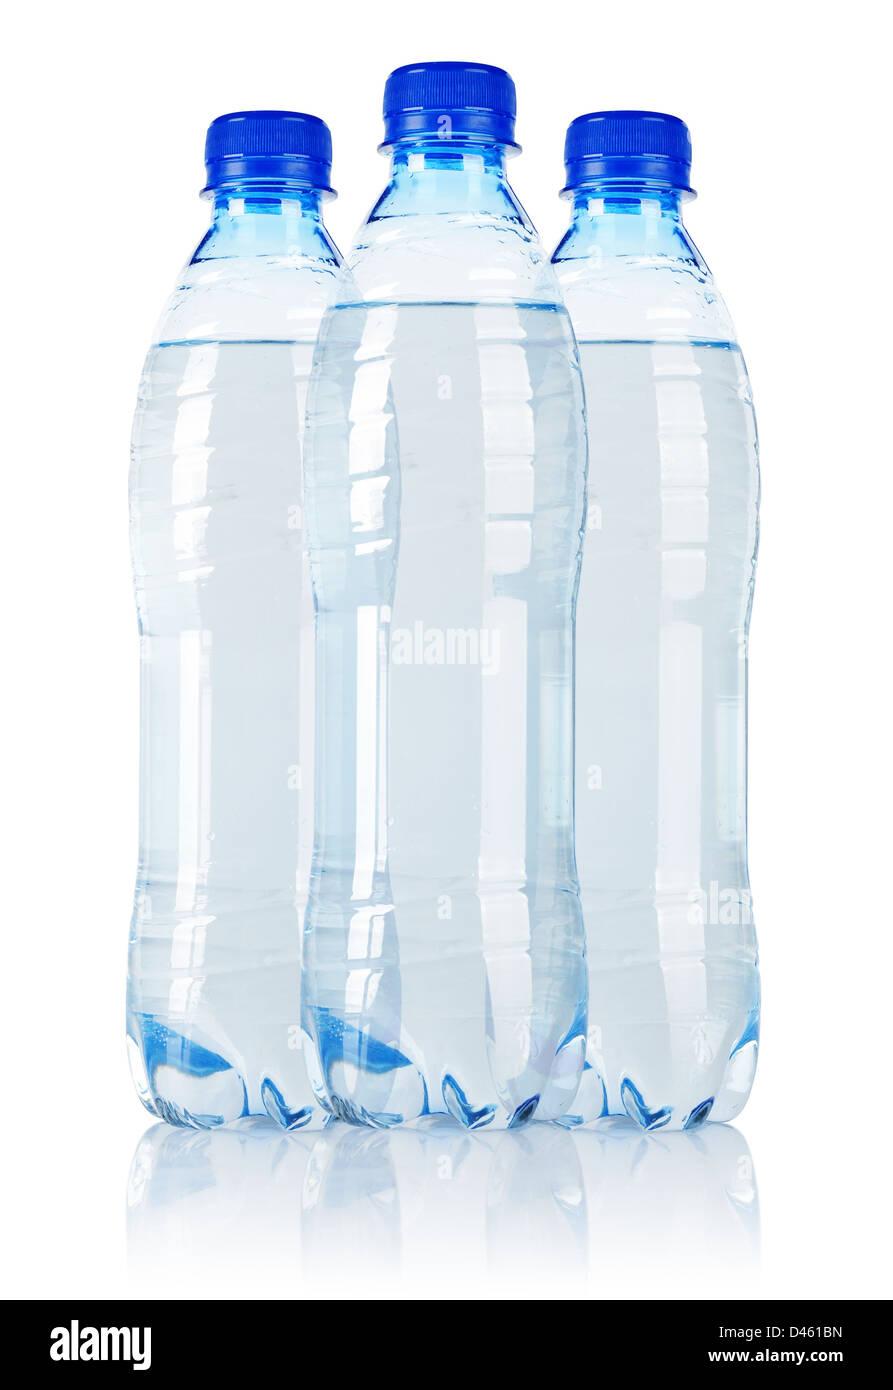 3 botella de agua de soda aislado sobre fondo blanco. Imagen De Stock